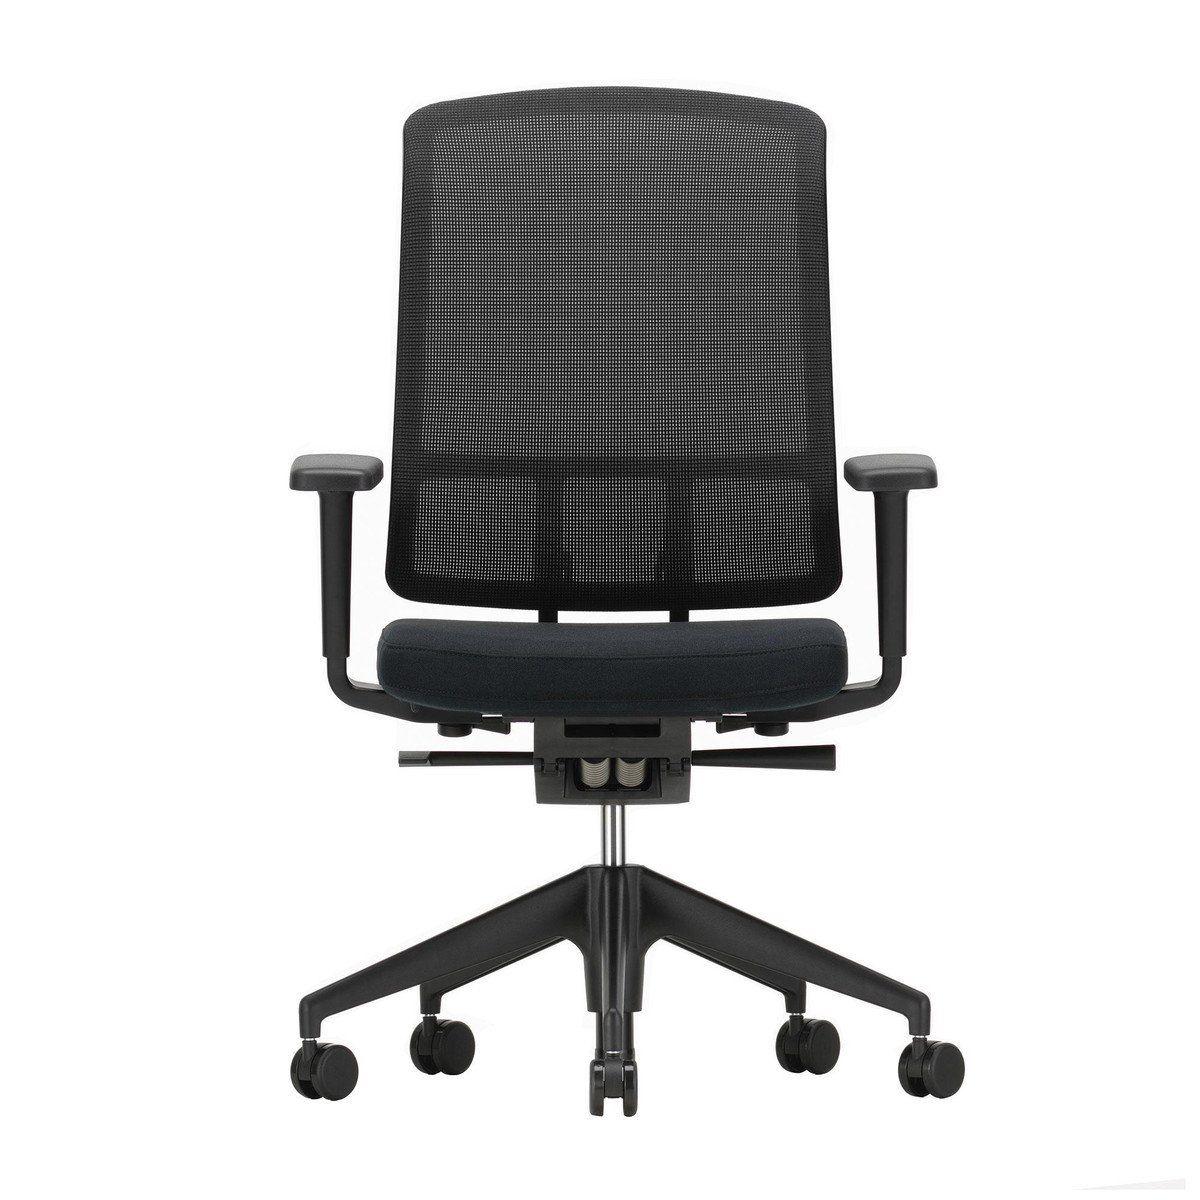 am chair chaise de bureau vitra. Black Bedroom Furniture Sets. Home Design Ideas